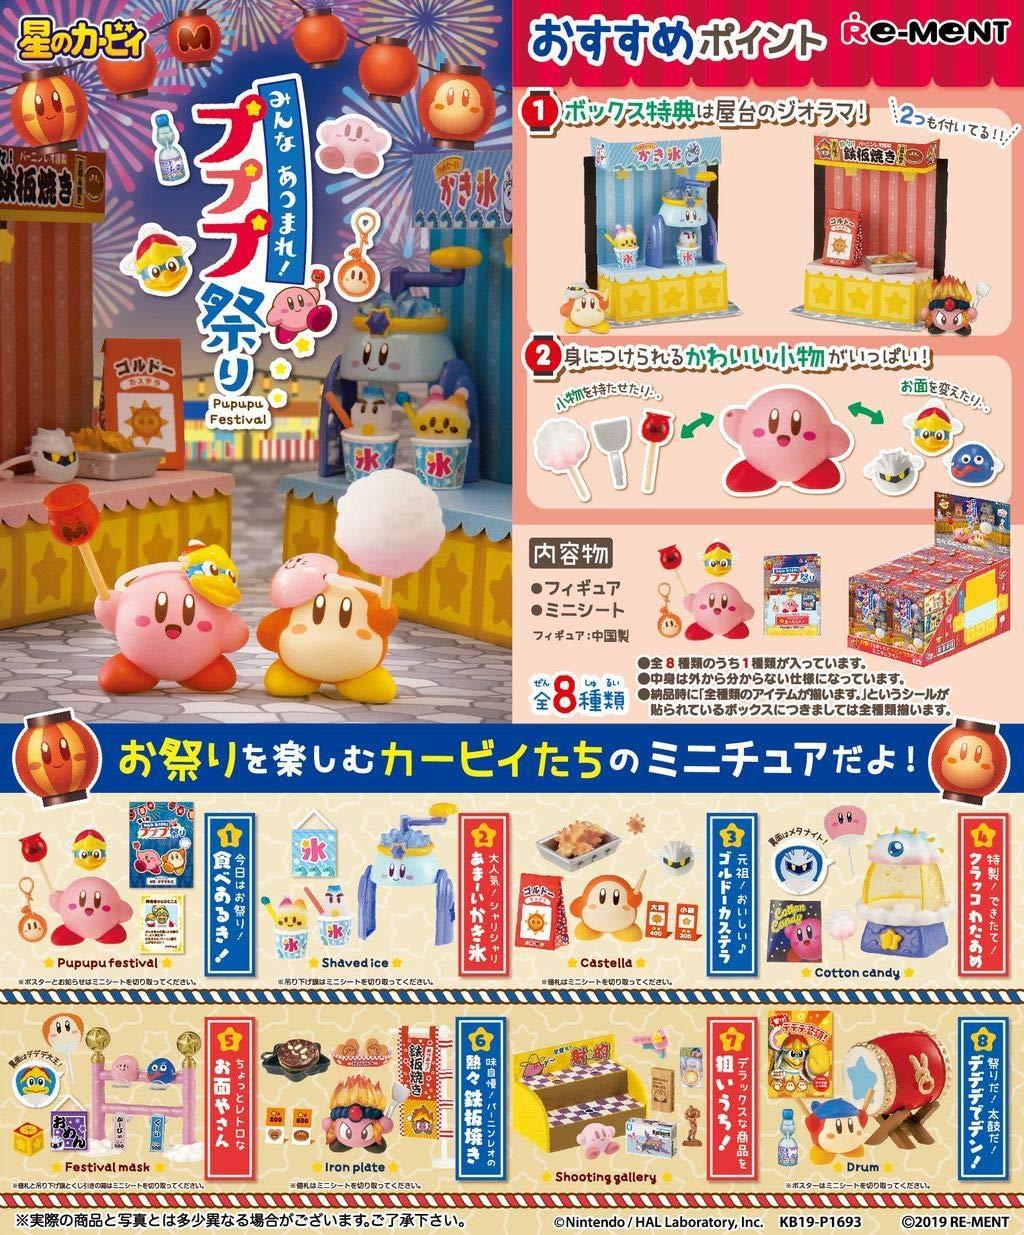 星のカービィ あつまれ! プププ祭り BOX商品 1BOX=8個入り、全8種類